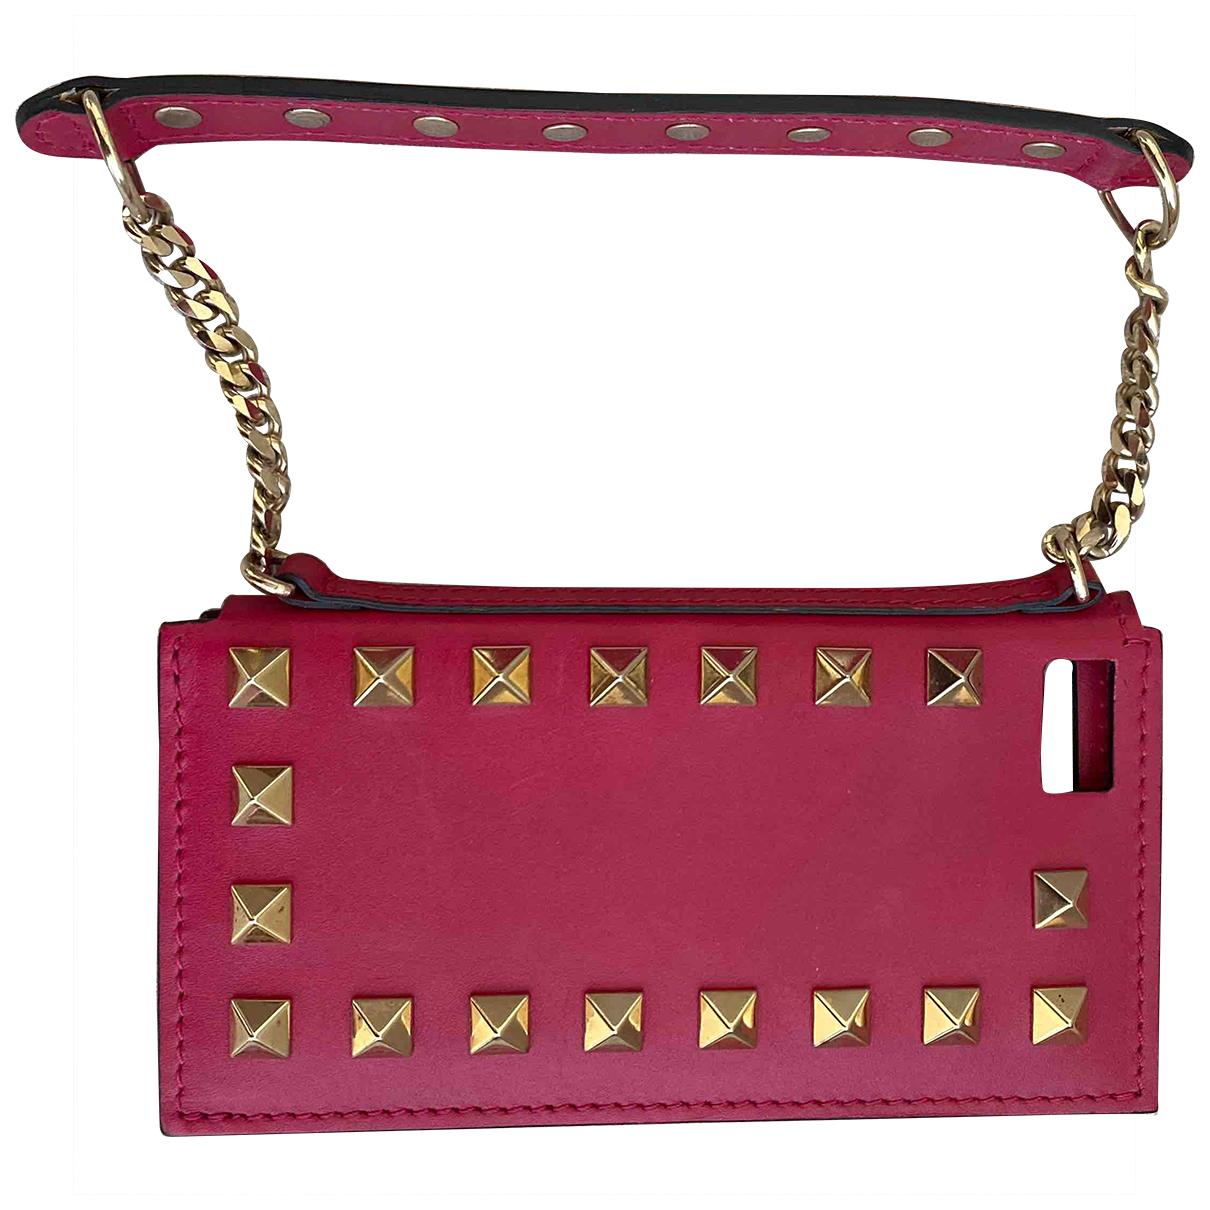 Valentino Garavani - Accessoires   pour lifestyle en cuir - rose